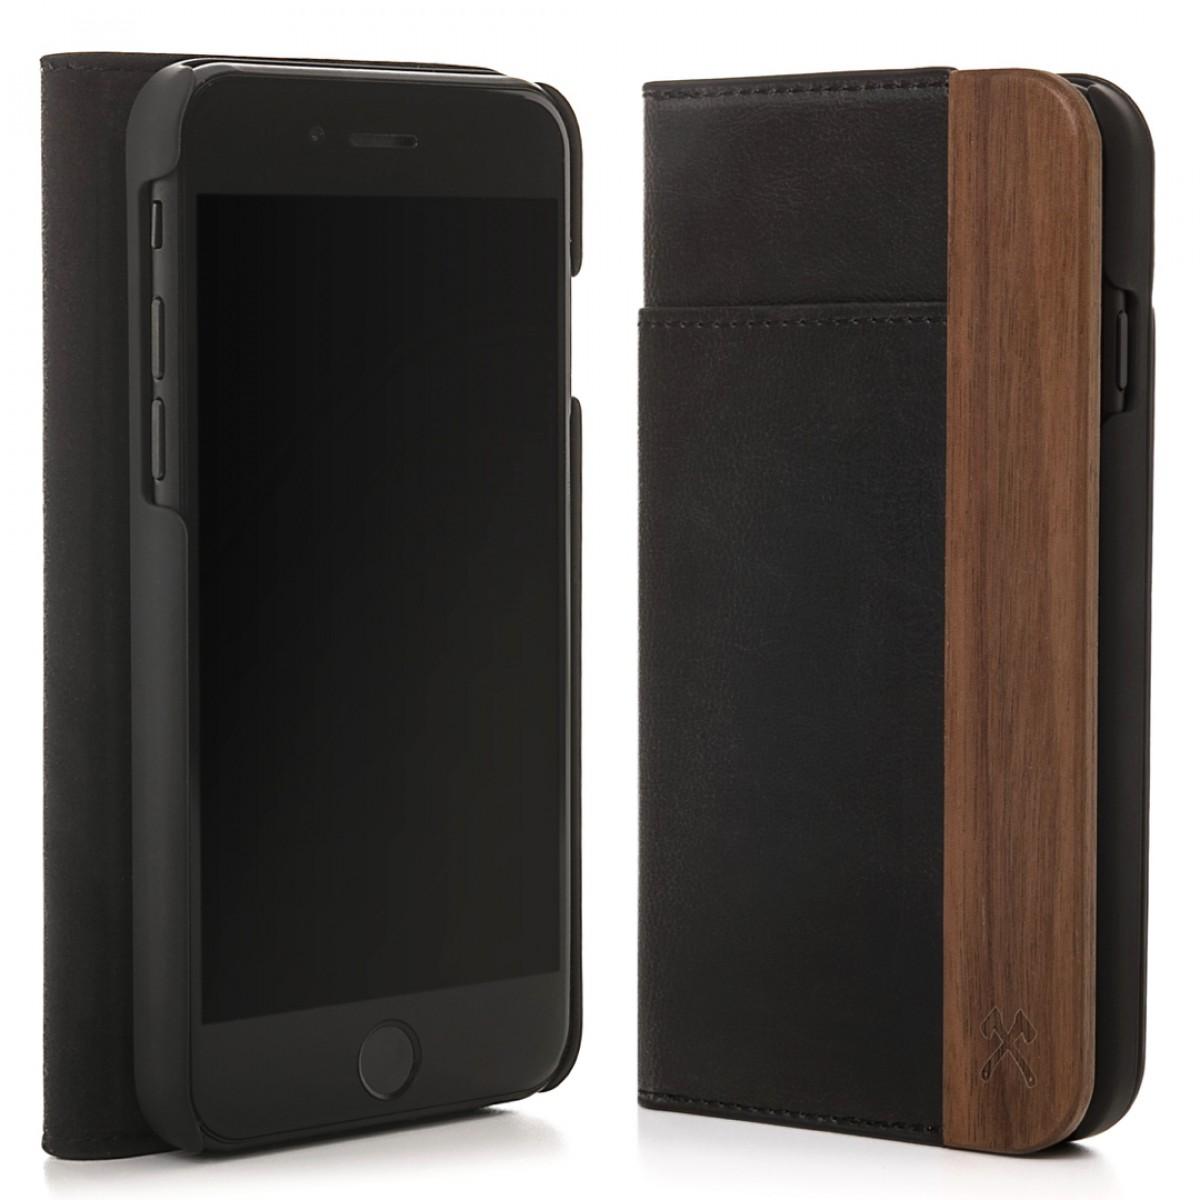 Woodcessories - EcoWallet - Premium Design Hülle, Case, Cover für das iPhone aus FSC zert. Walnuss Holz & hochwertiger Lederoptik (iPhone X)